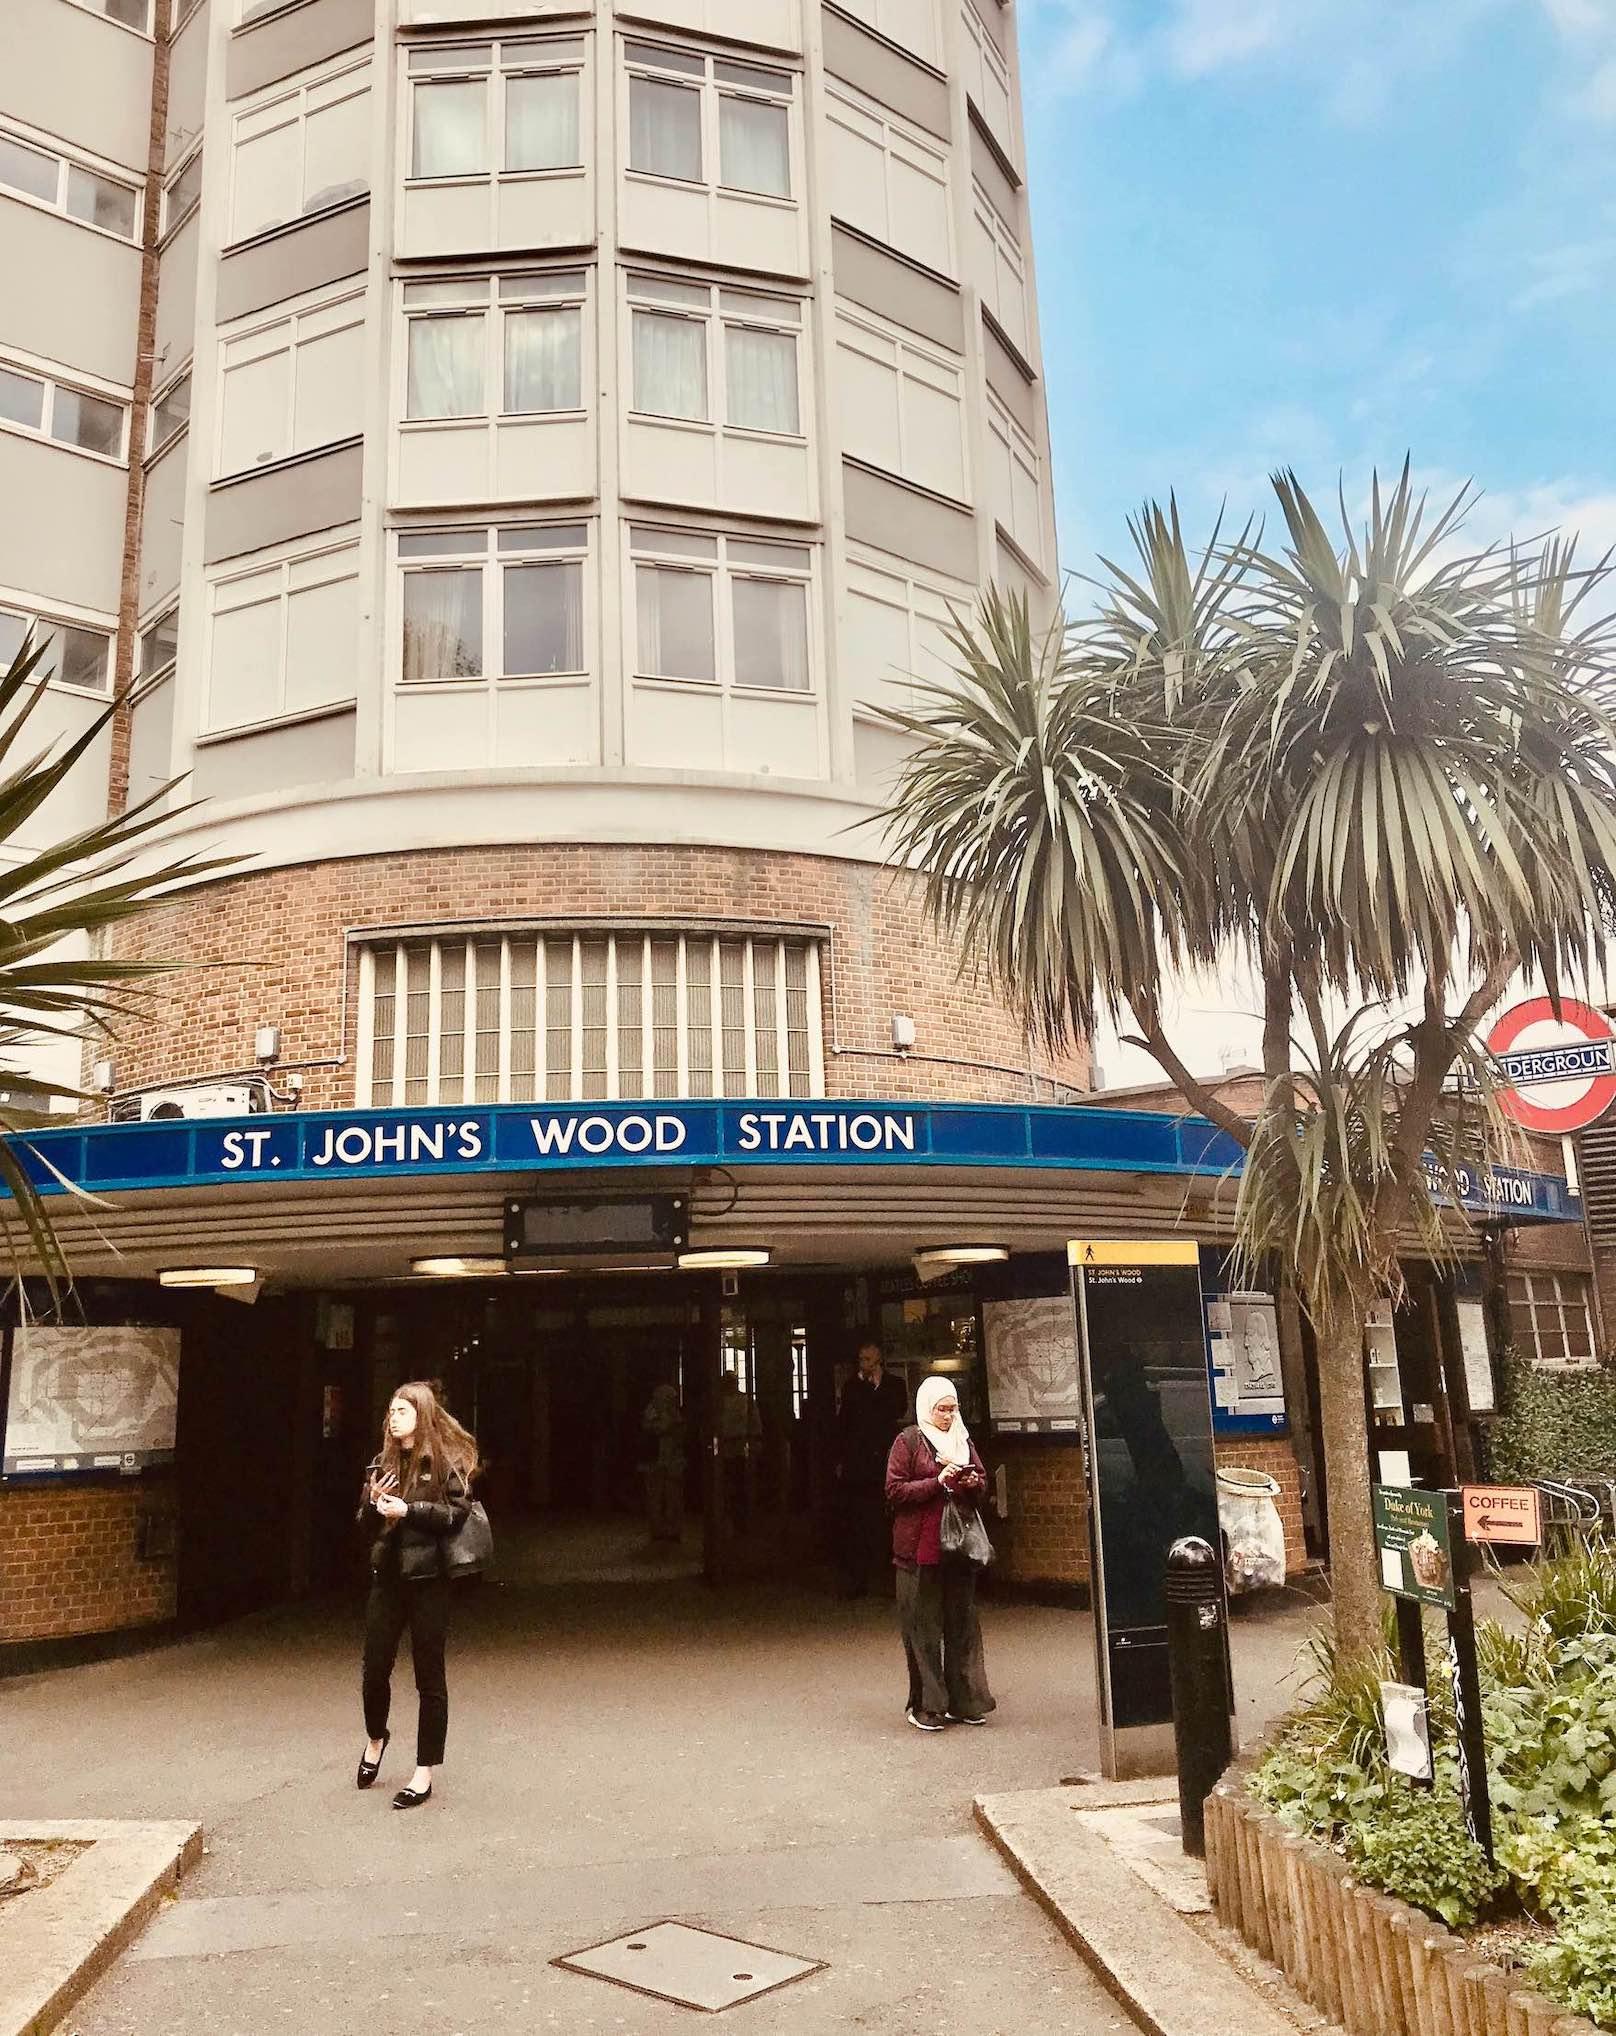 St. John's Wood Tube Station in London